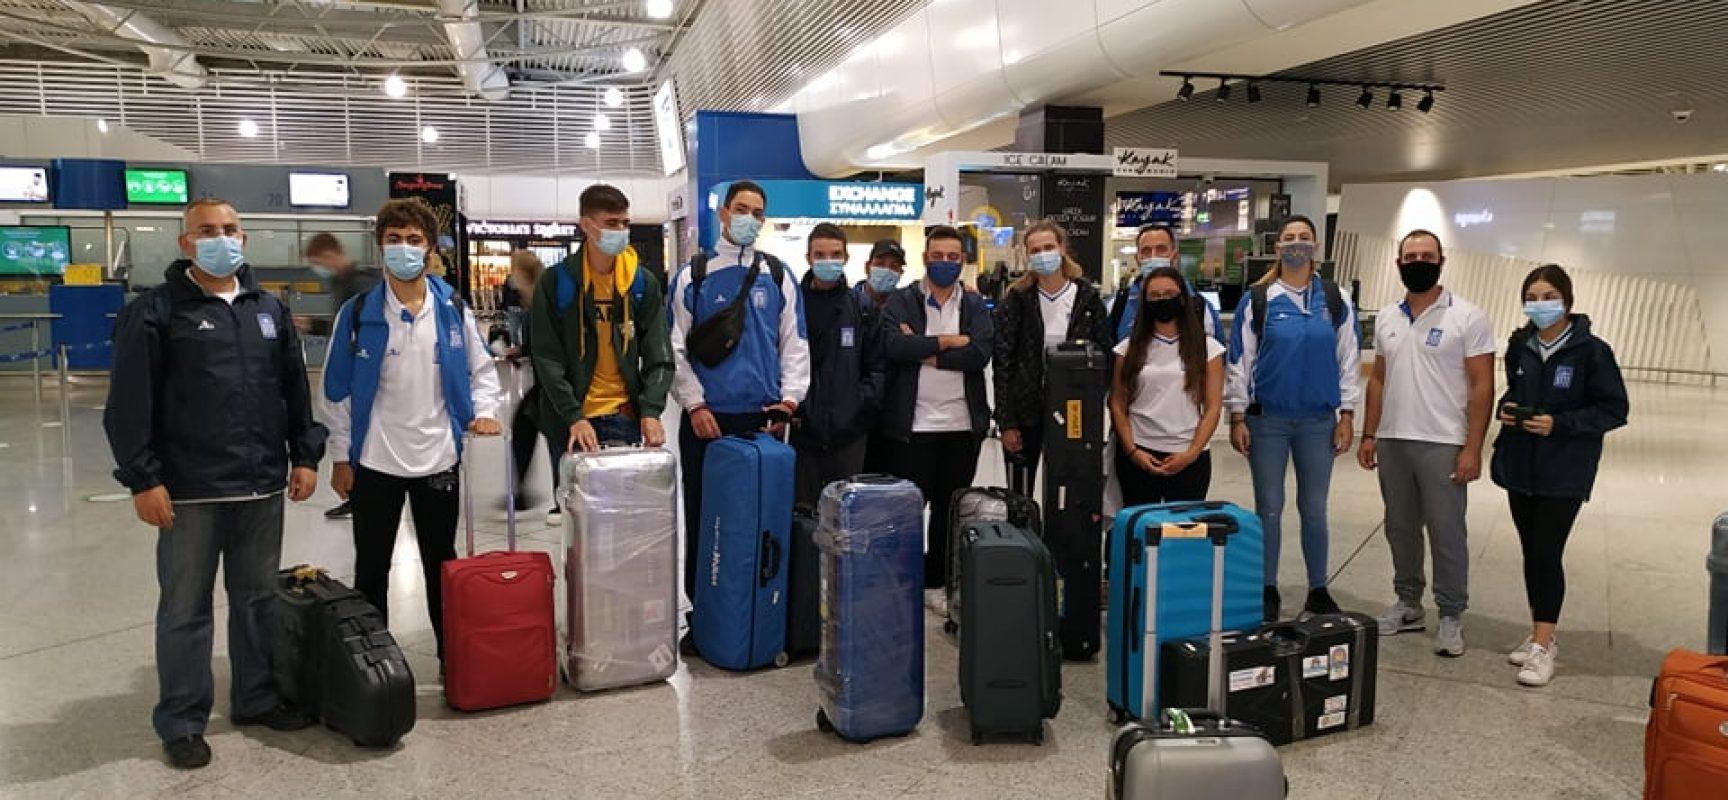 Στην Κύπρο η Εθνική τοξοβολίας για το διεθνή αγώνα Aphrodite Mediterranean Cup 2020